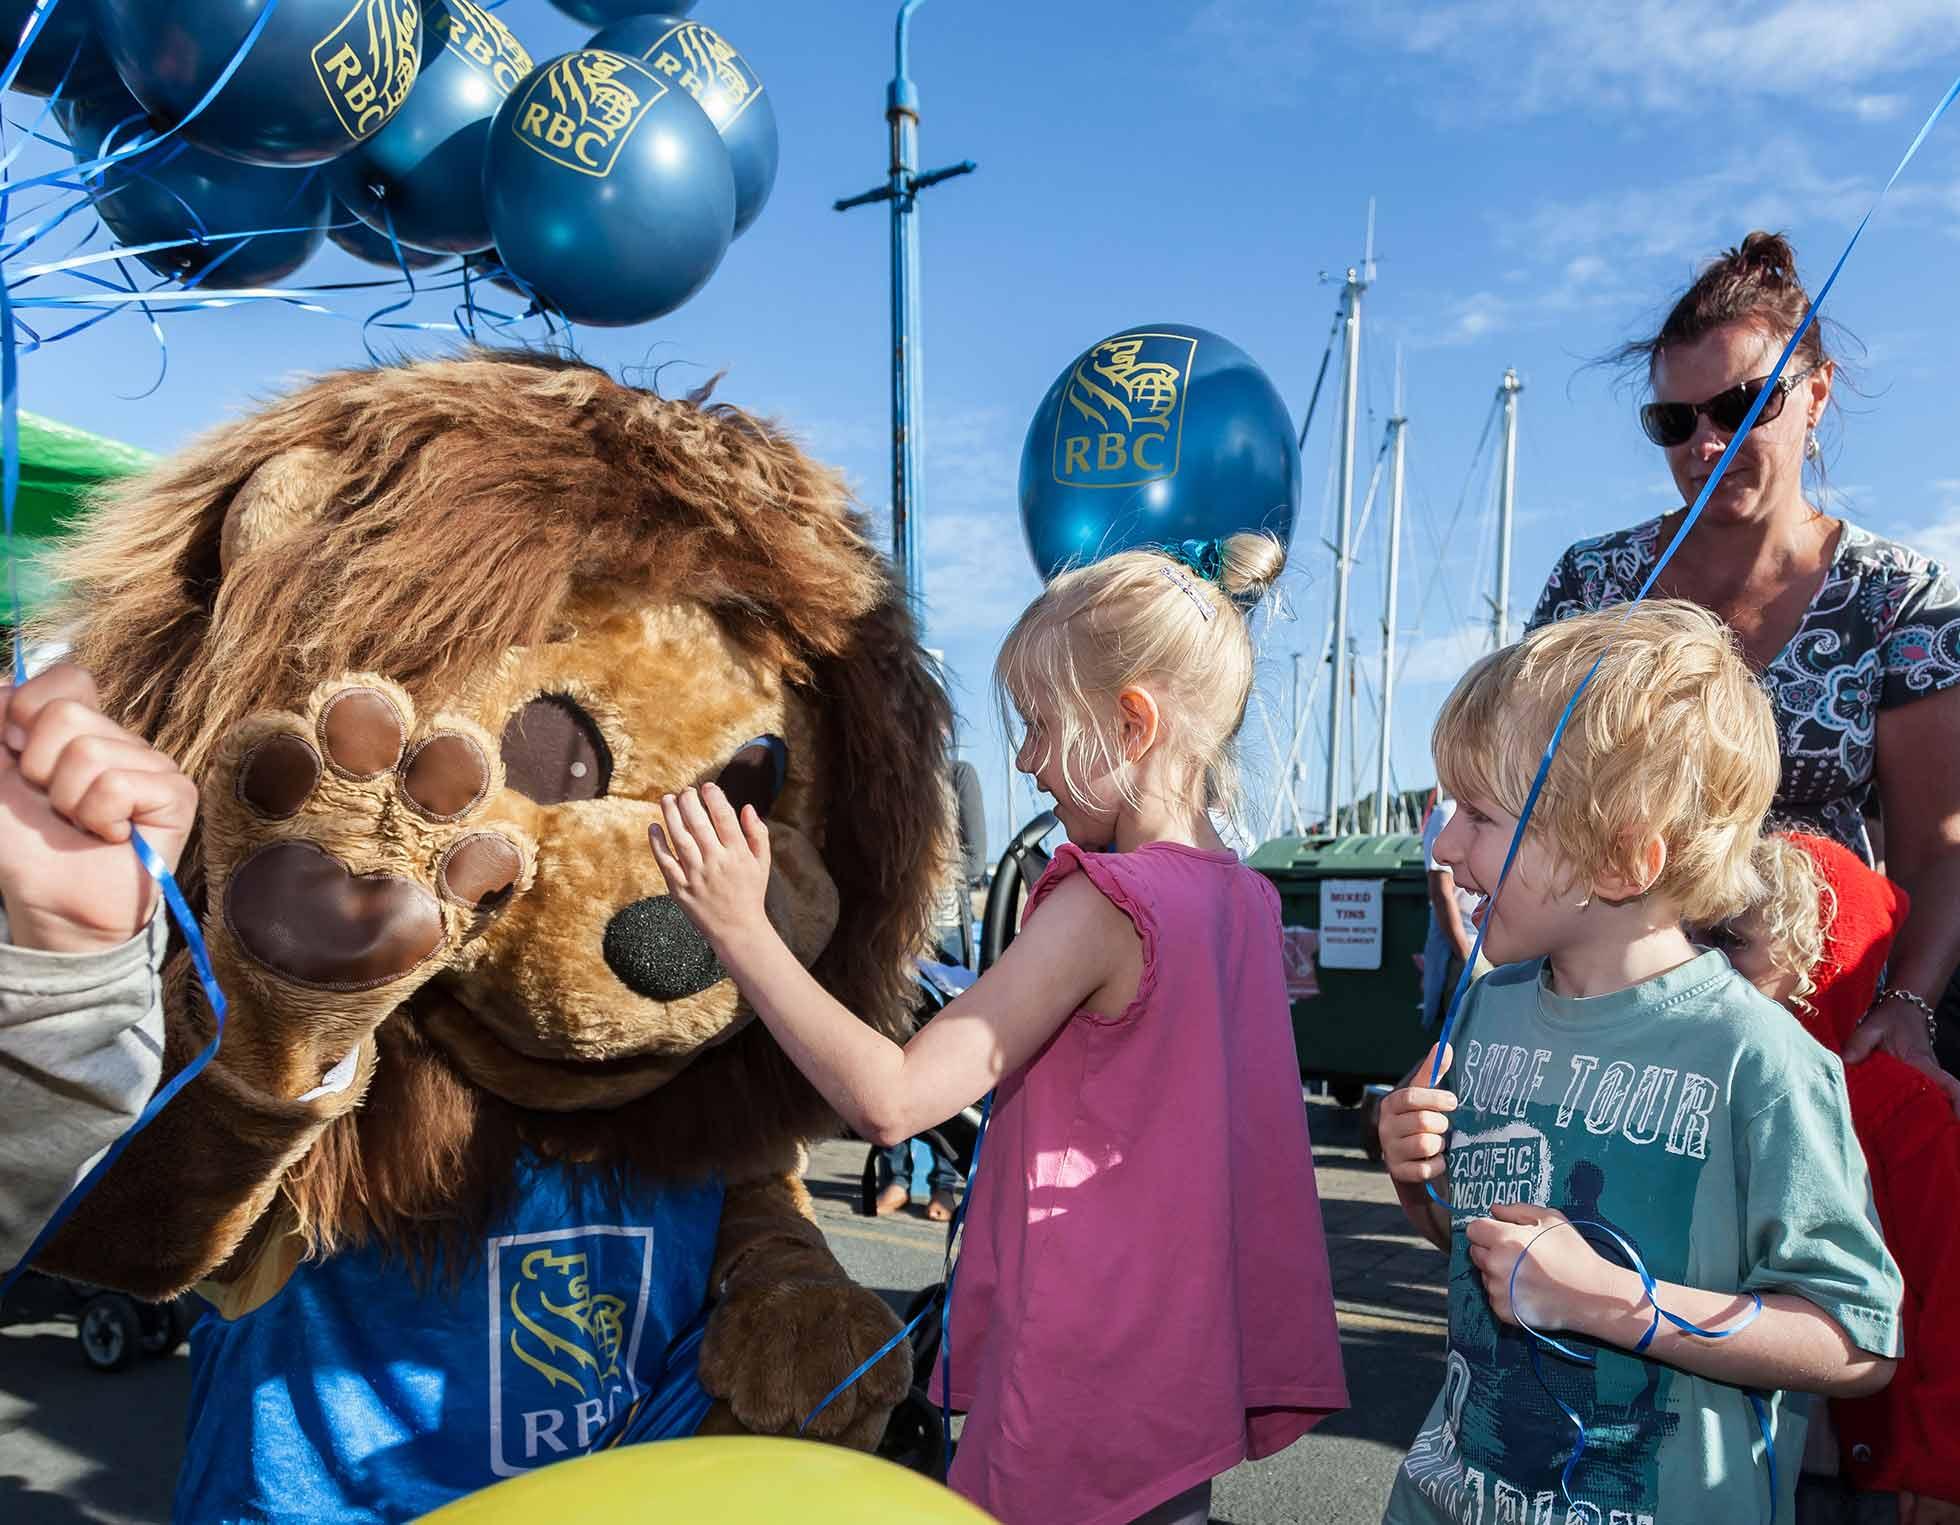 RBC leo lion mascot